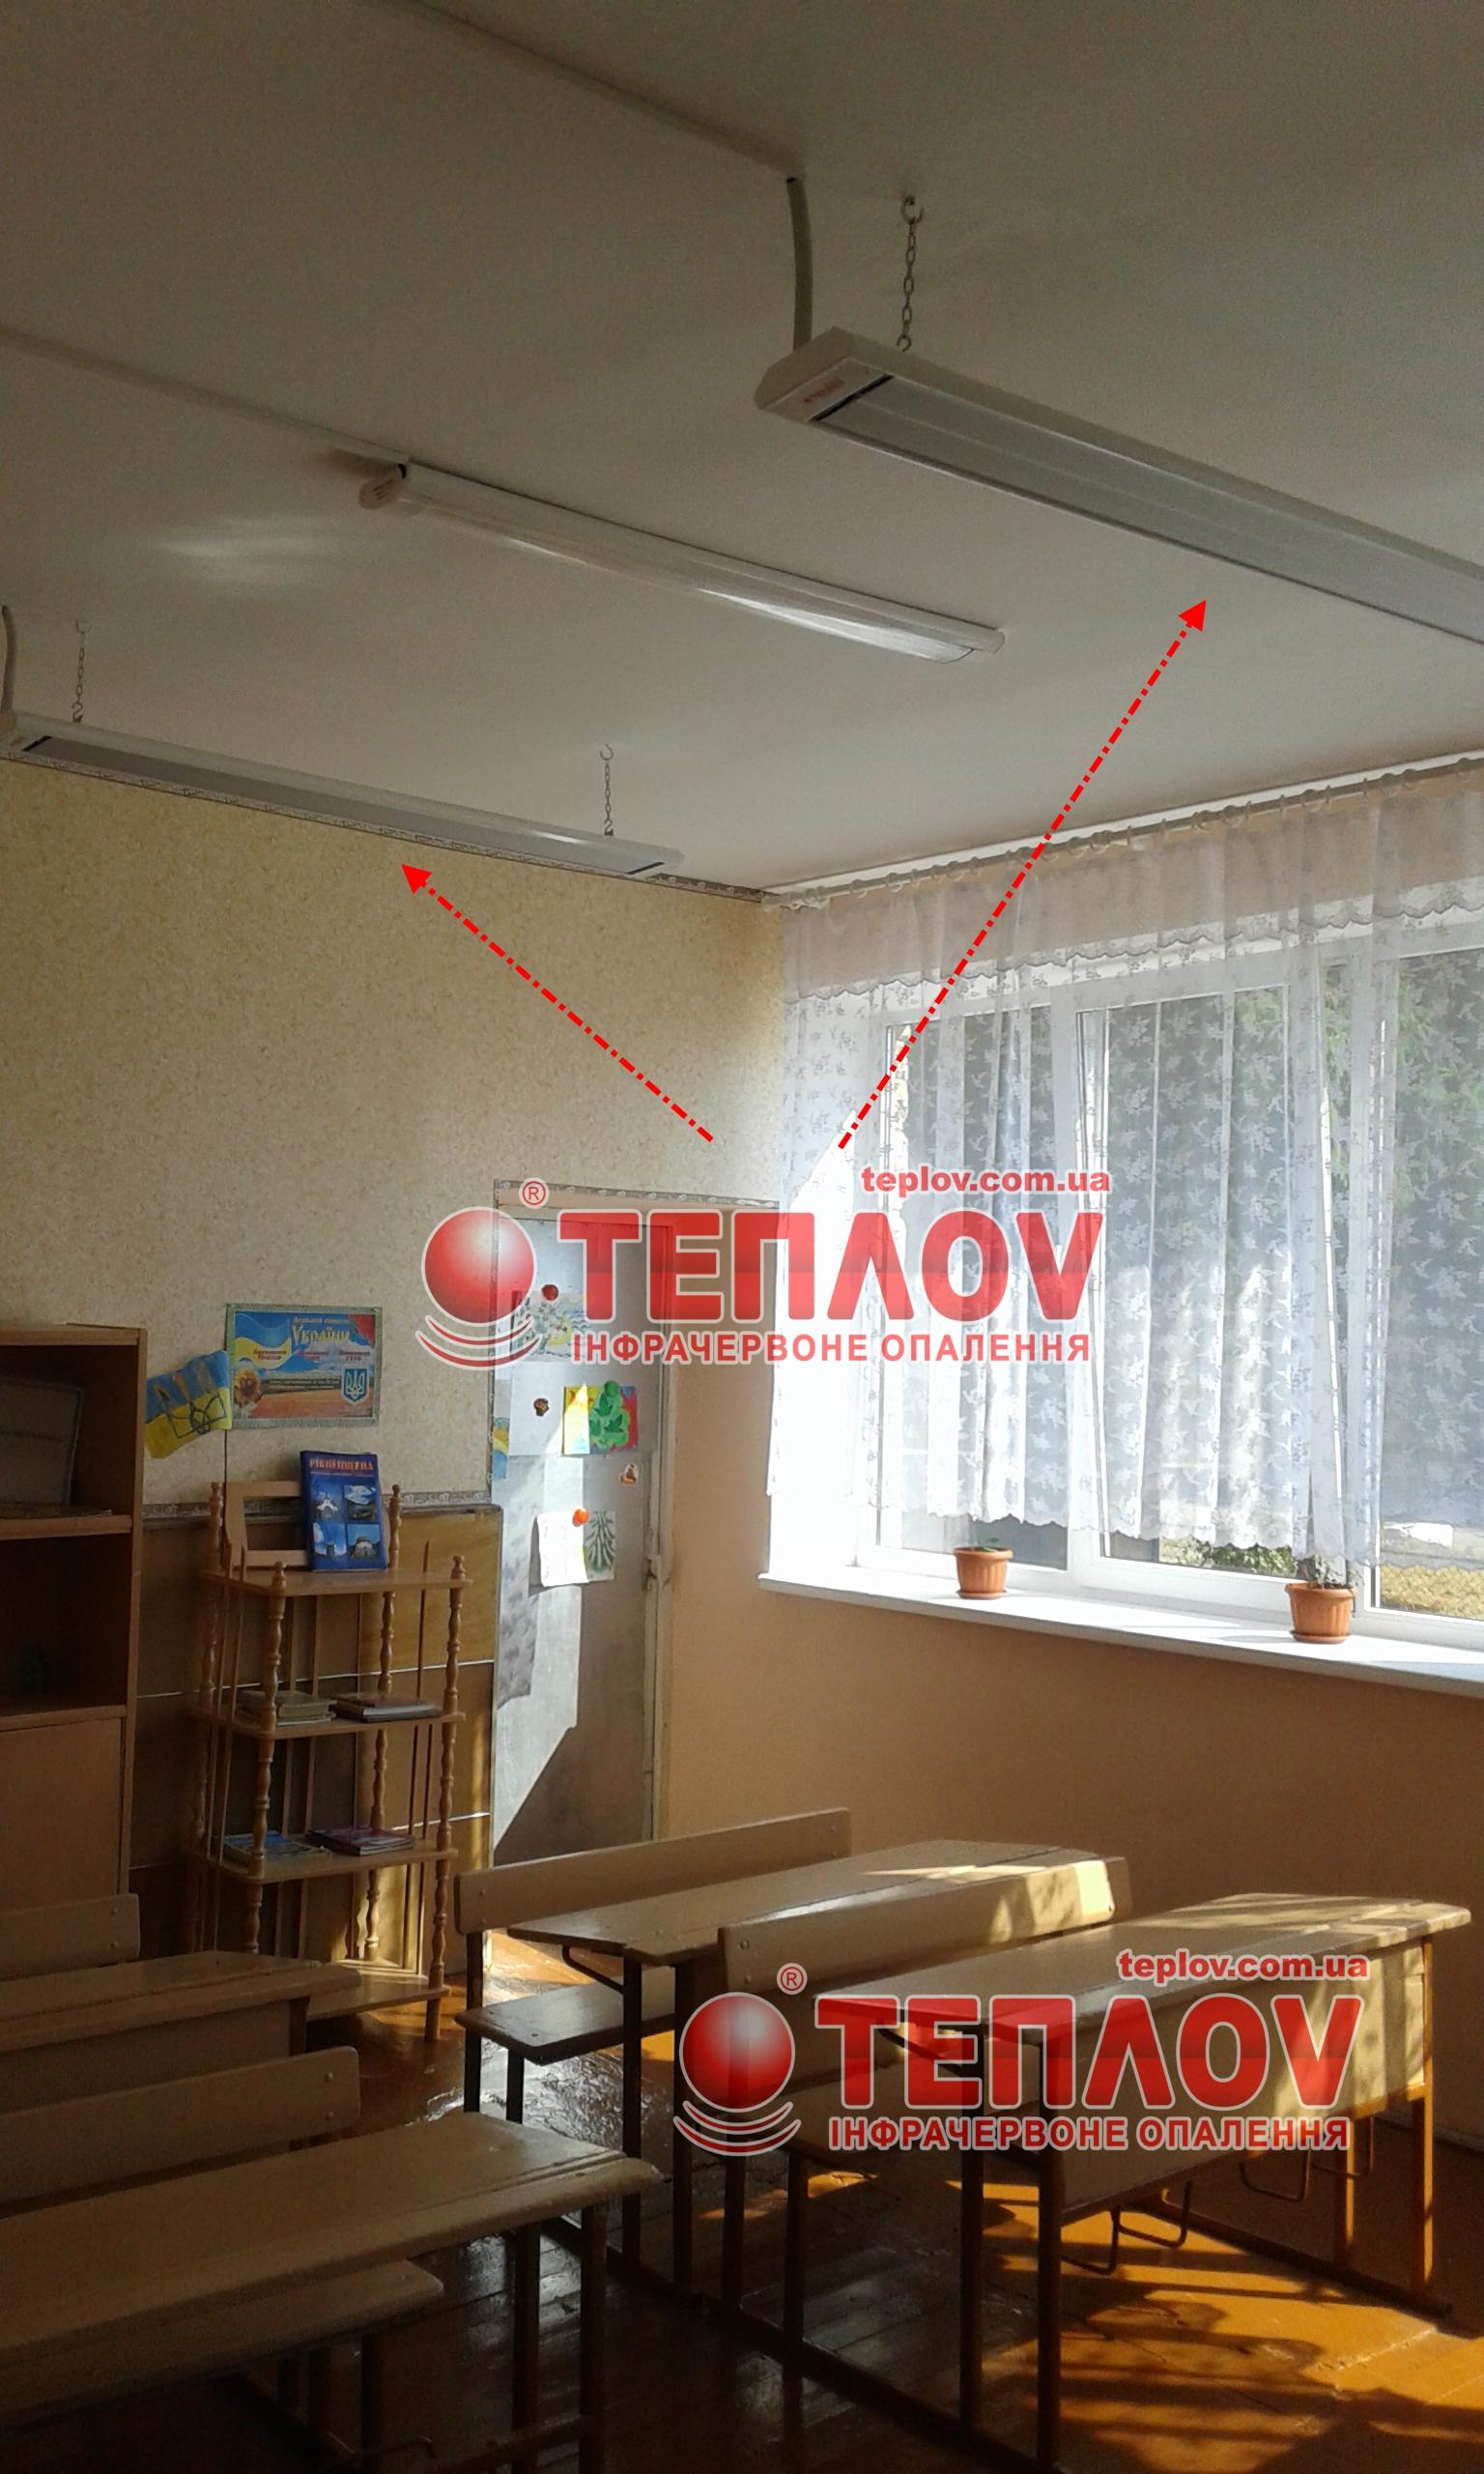 инфракрасные панели используются для отопления школ